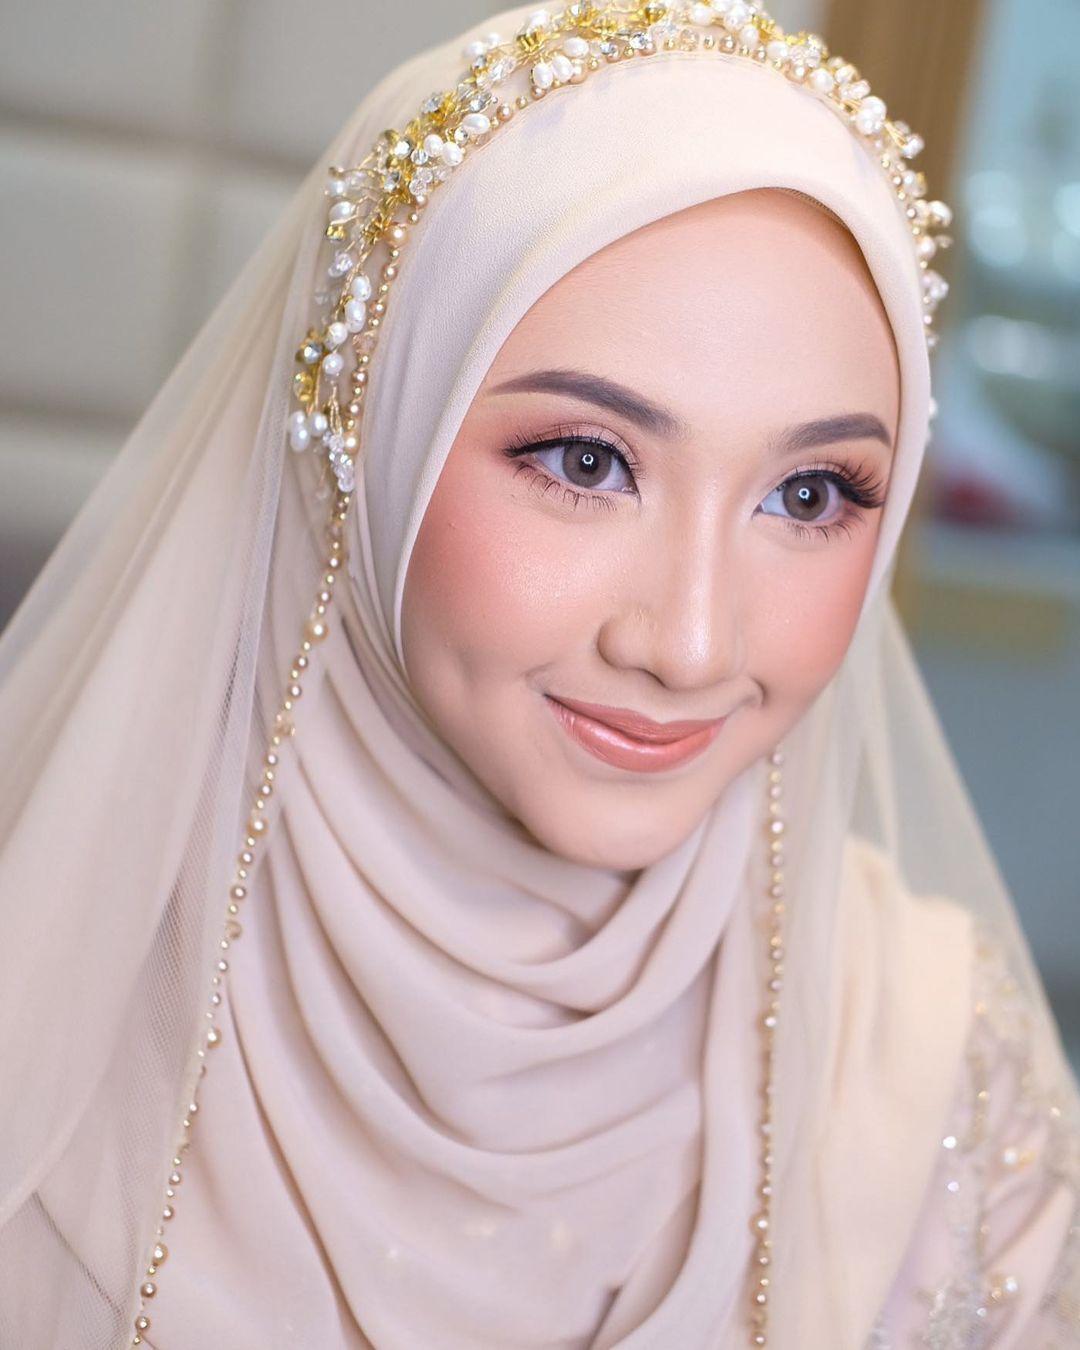 Natural Soft Makeup Untuk Pernikahanmu In 2021 Pernikahan Bulu Instagram